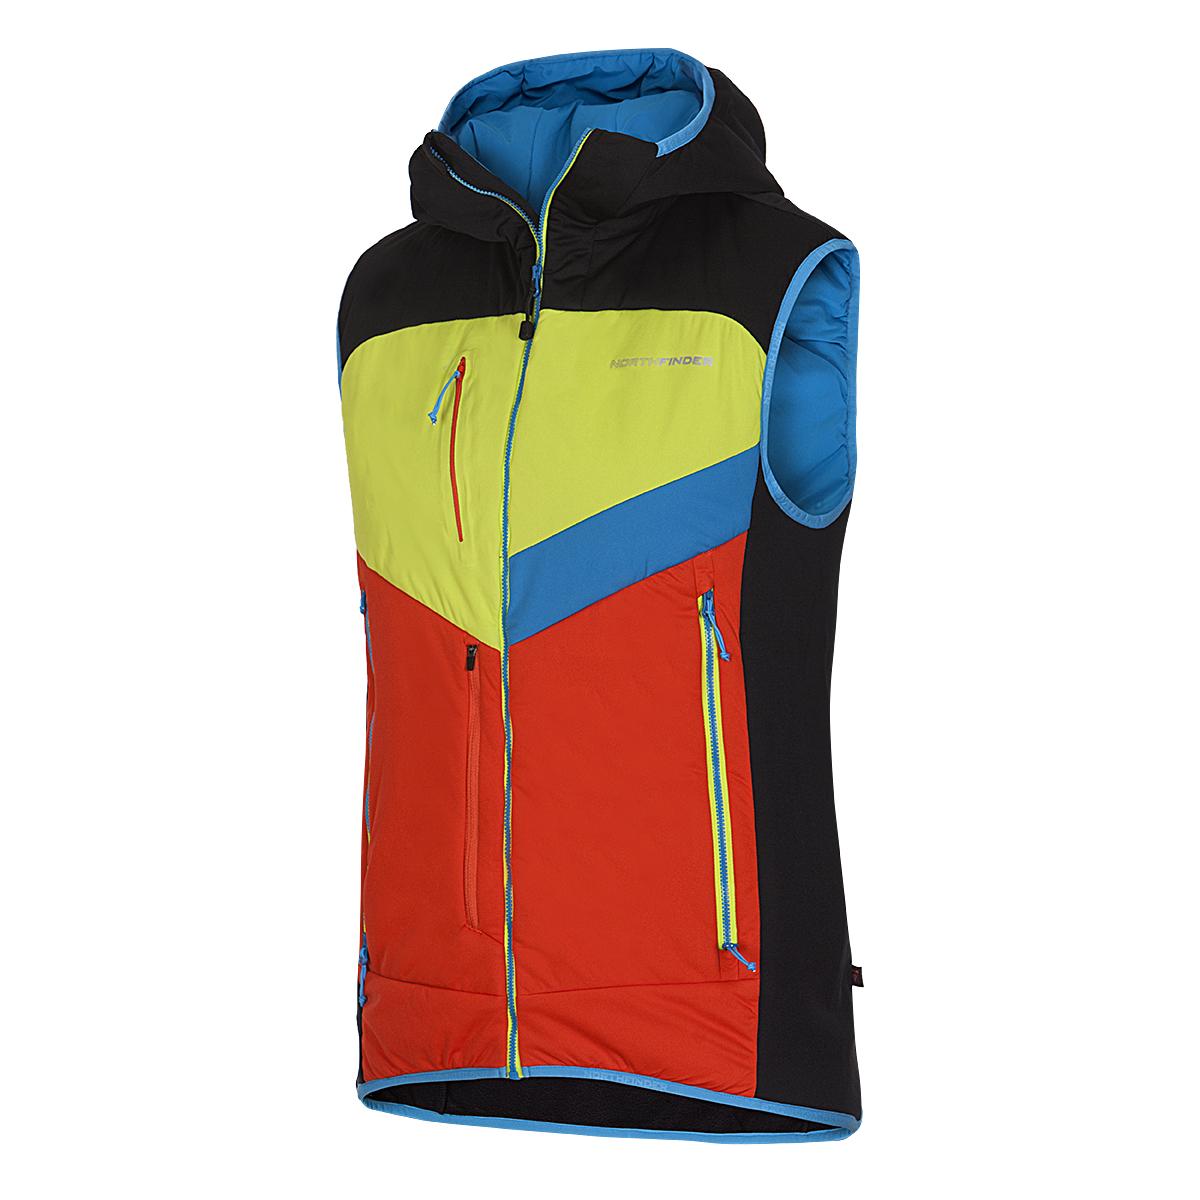 Northfinder pánská skialp vesta aktivní sport zateplená Primaloft® izolace Eco Black GORGINNO B